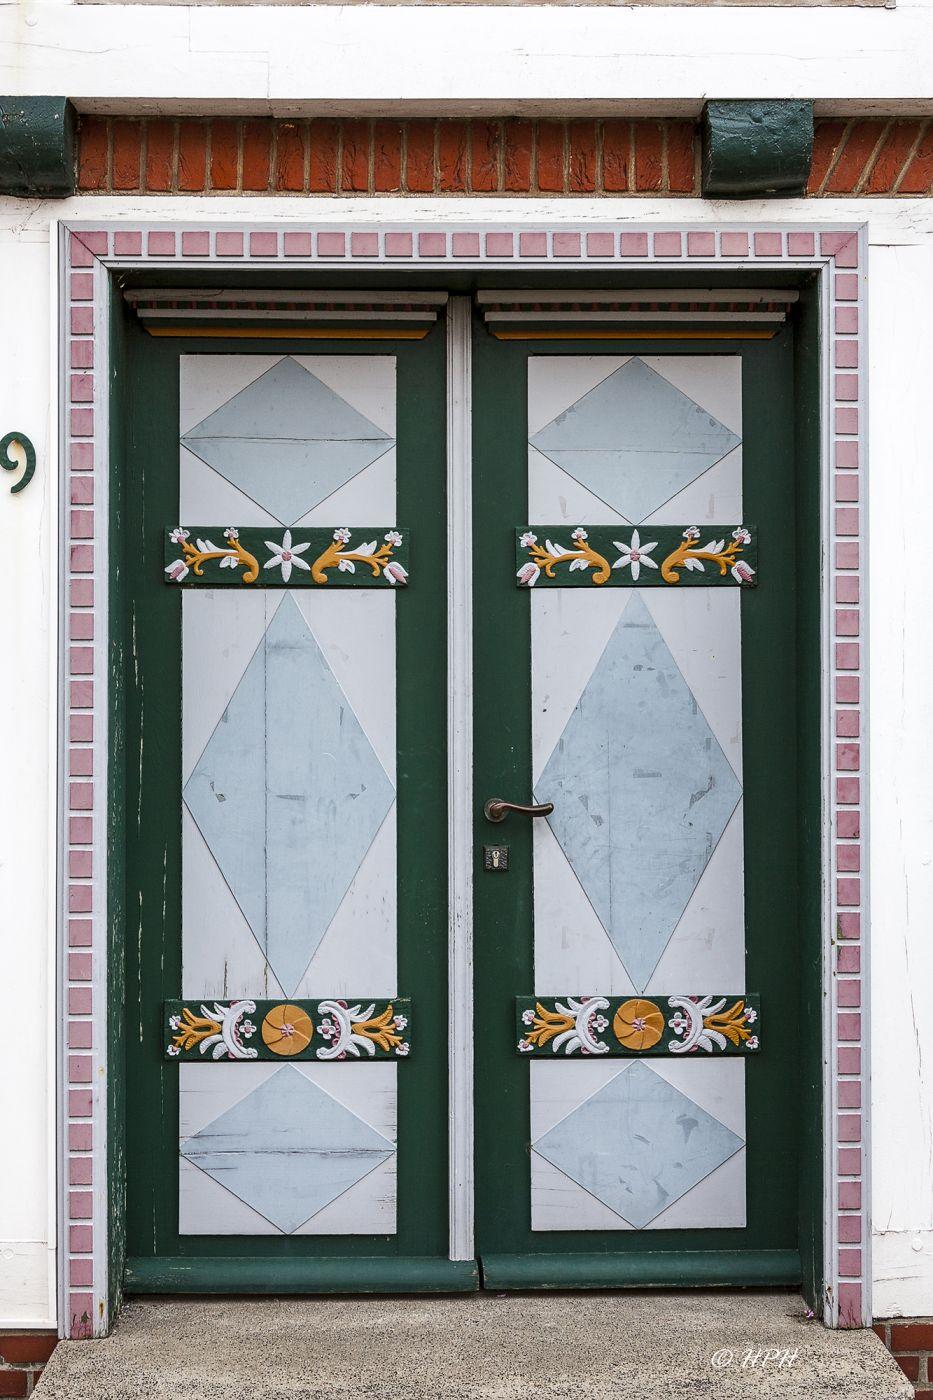 Carved Doors in Jork-Borstel, Germany